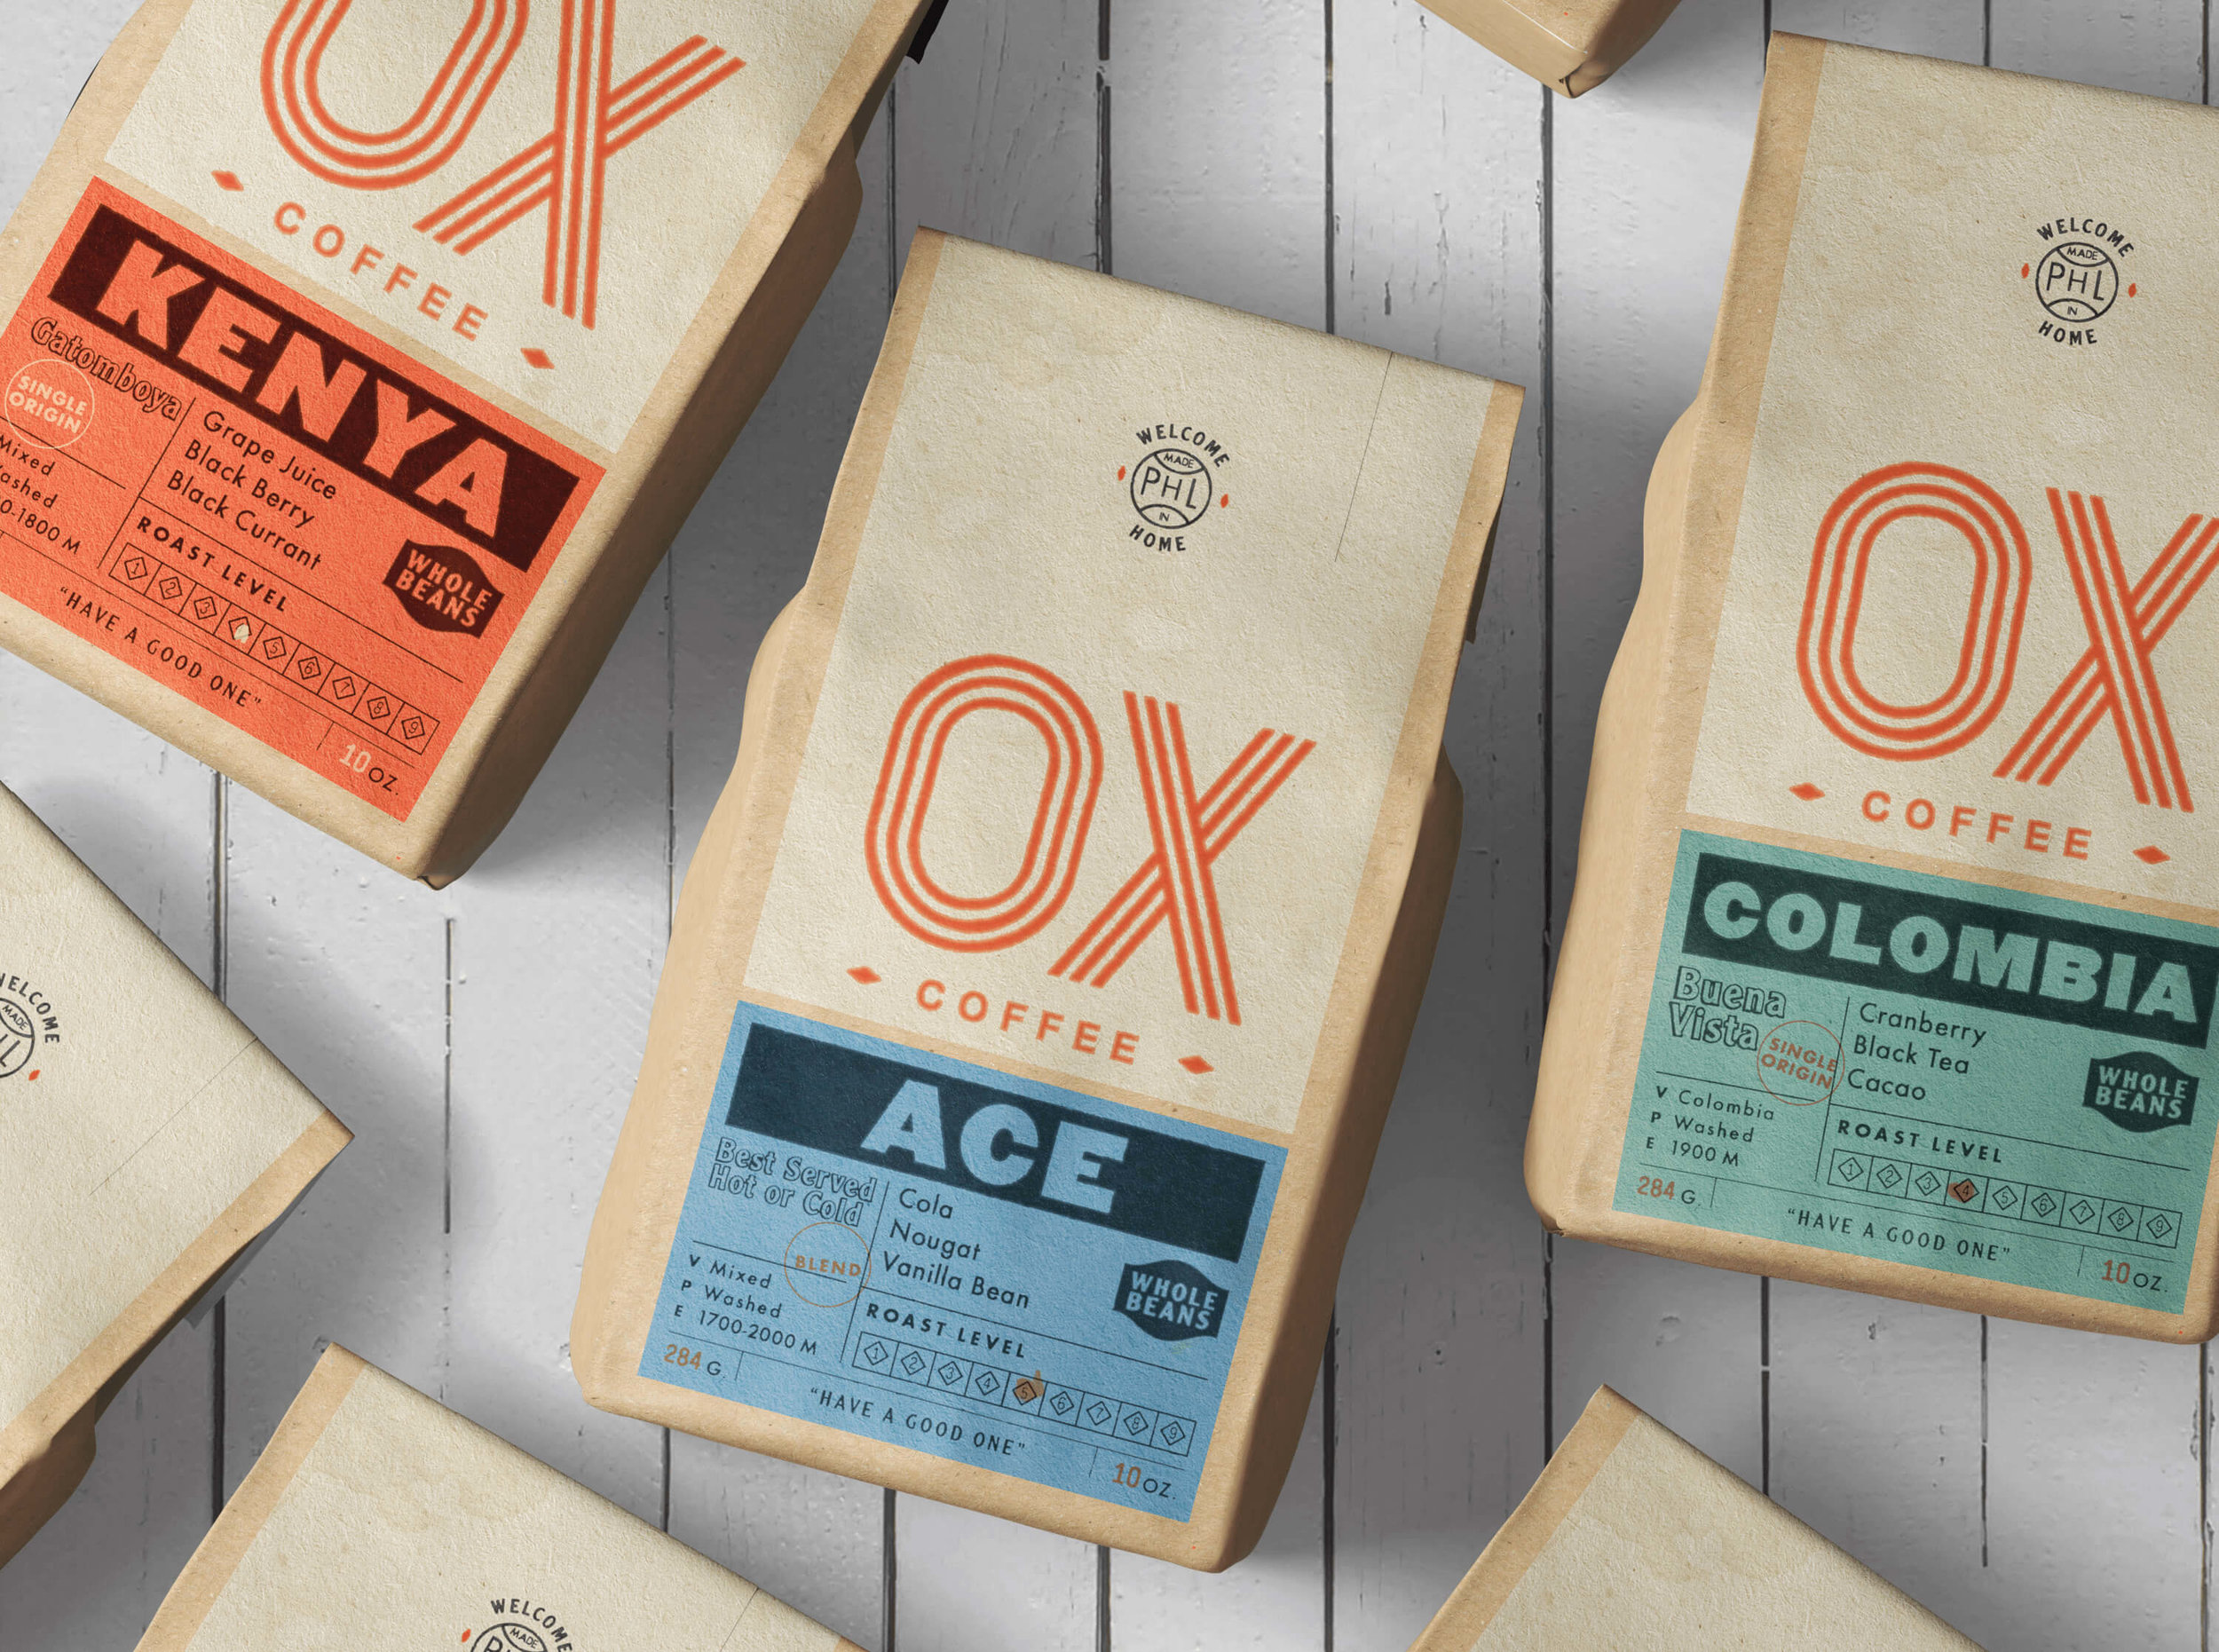 OX-Homepage-Image-Crop.jpg